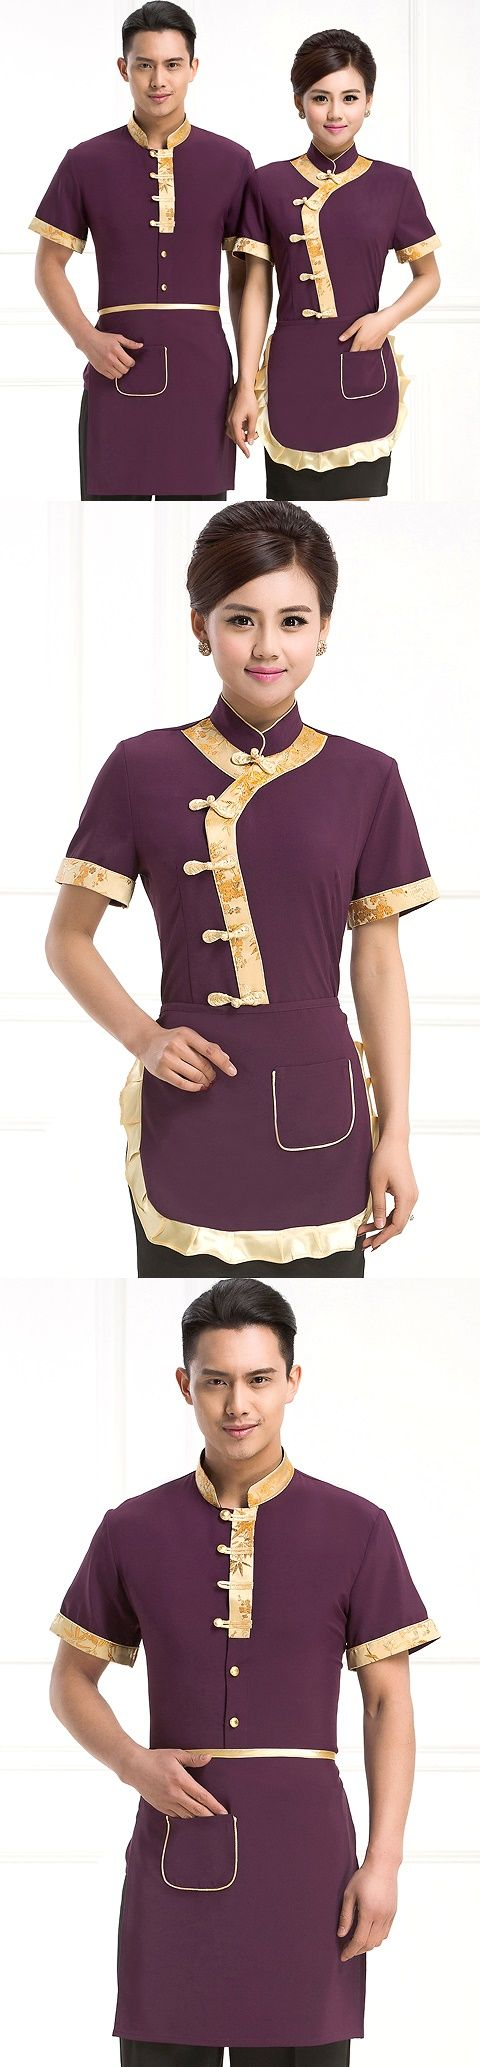 60 best uniform images on pinterest | restaurant uniforms, hotel